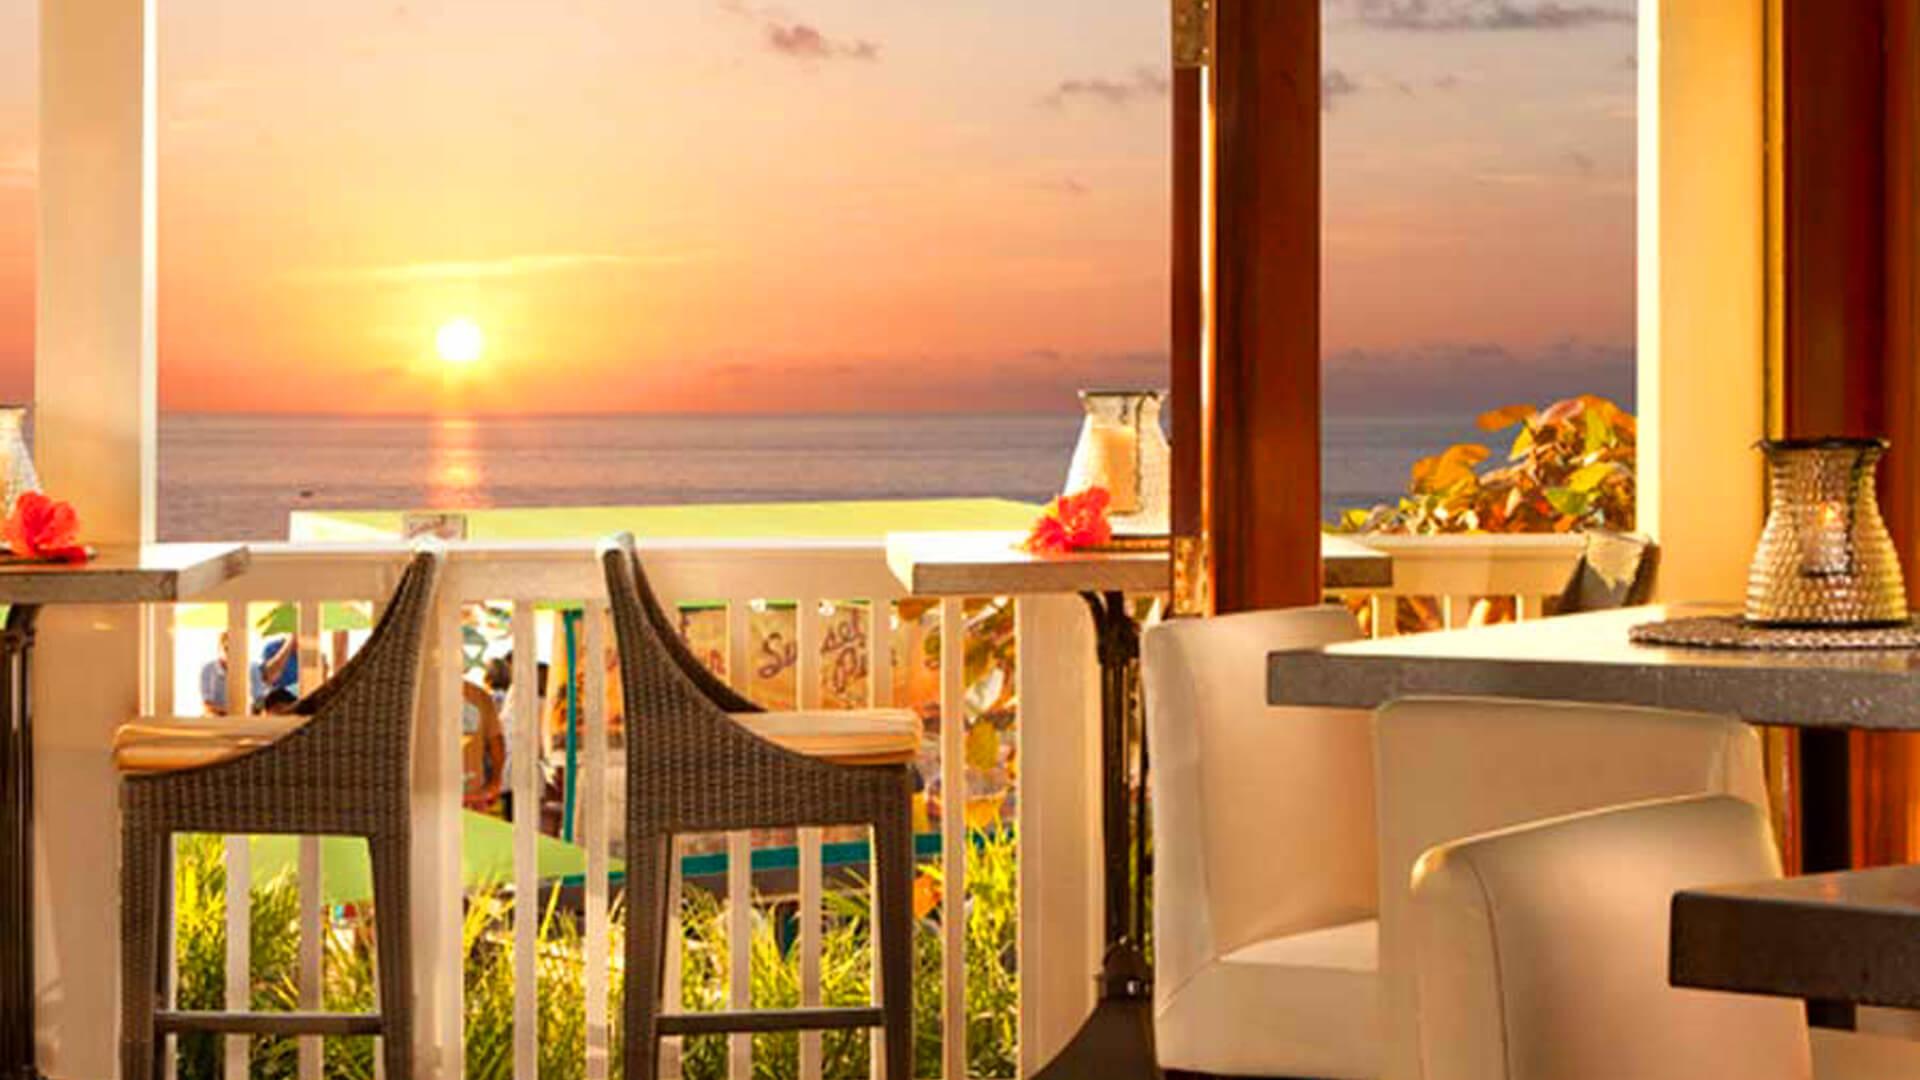 Hot Tin Roof at Ocean Key Resort